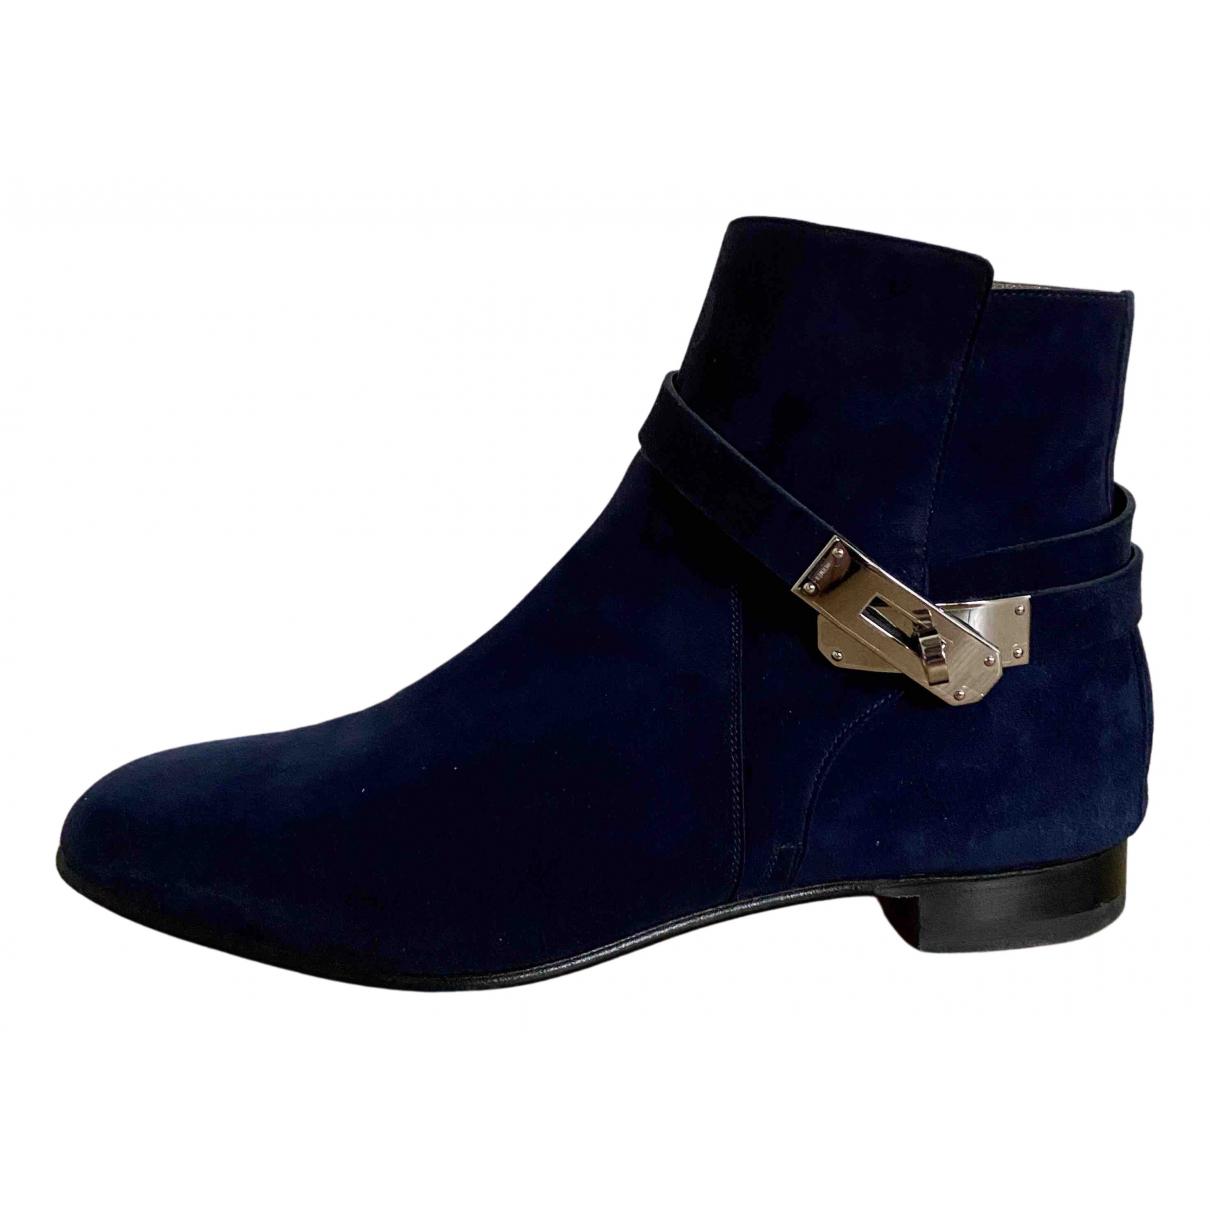 Hermes - Boots Neo pour femme en suede - bleu